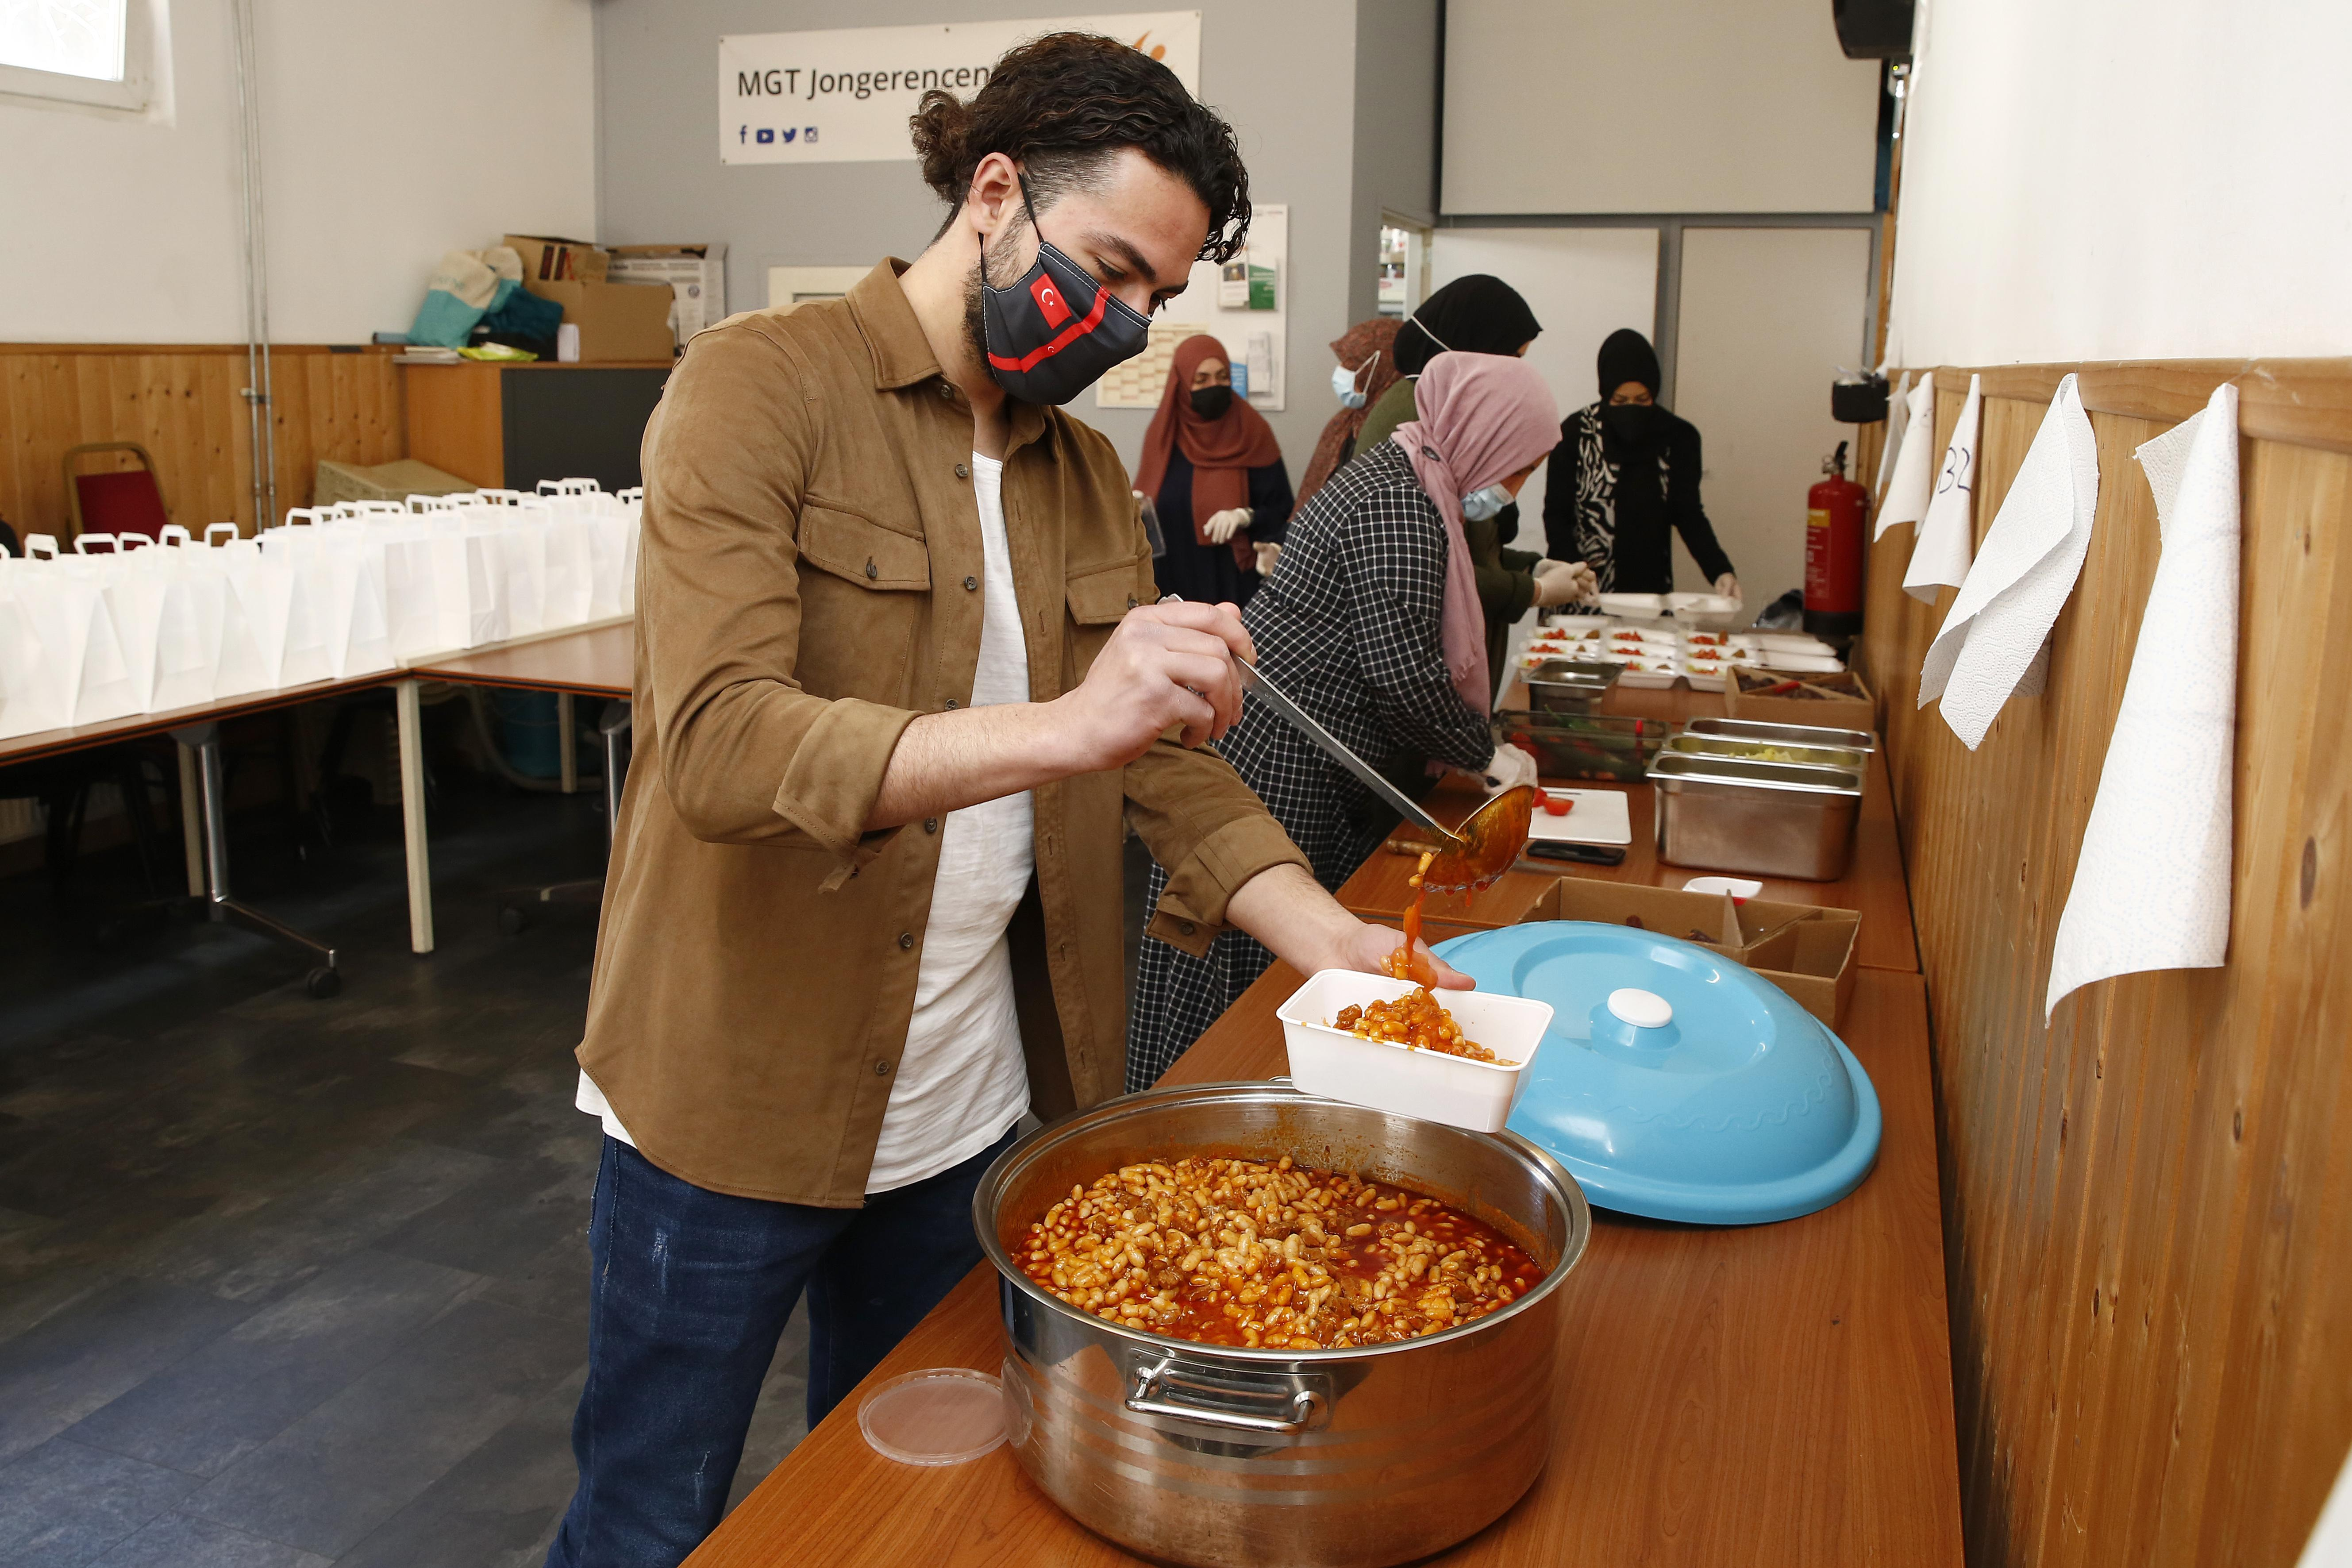 Stichting Milli Görüş in Hilversum bereidt iftar-voedselpakketten voor gezinnen die het minder hebben